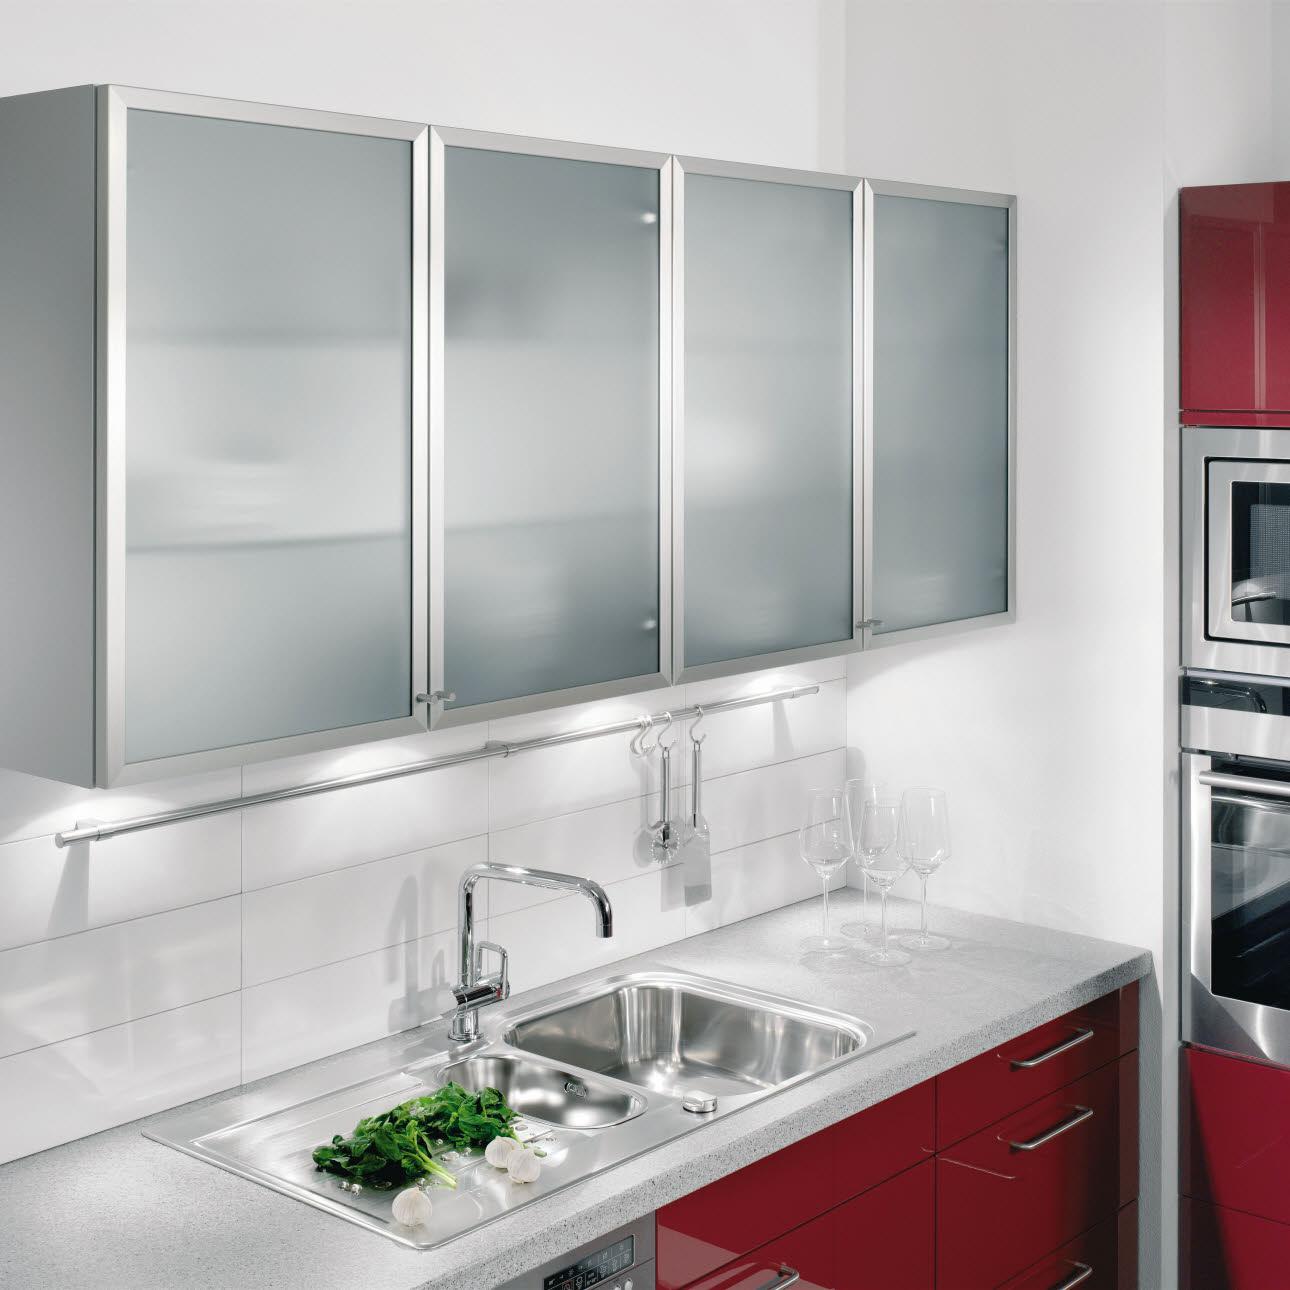 lichtdesign zubeh r und ausstattungsdetails ewe. Black Bedroom Furniture Sets. Home Design Ideas